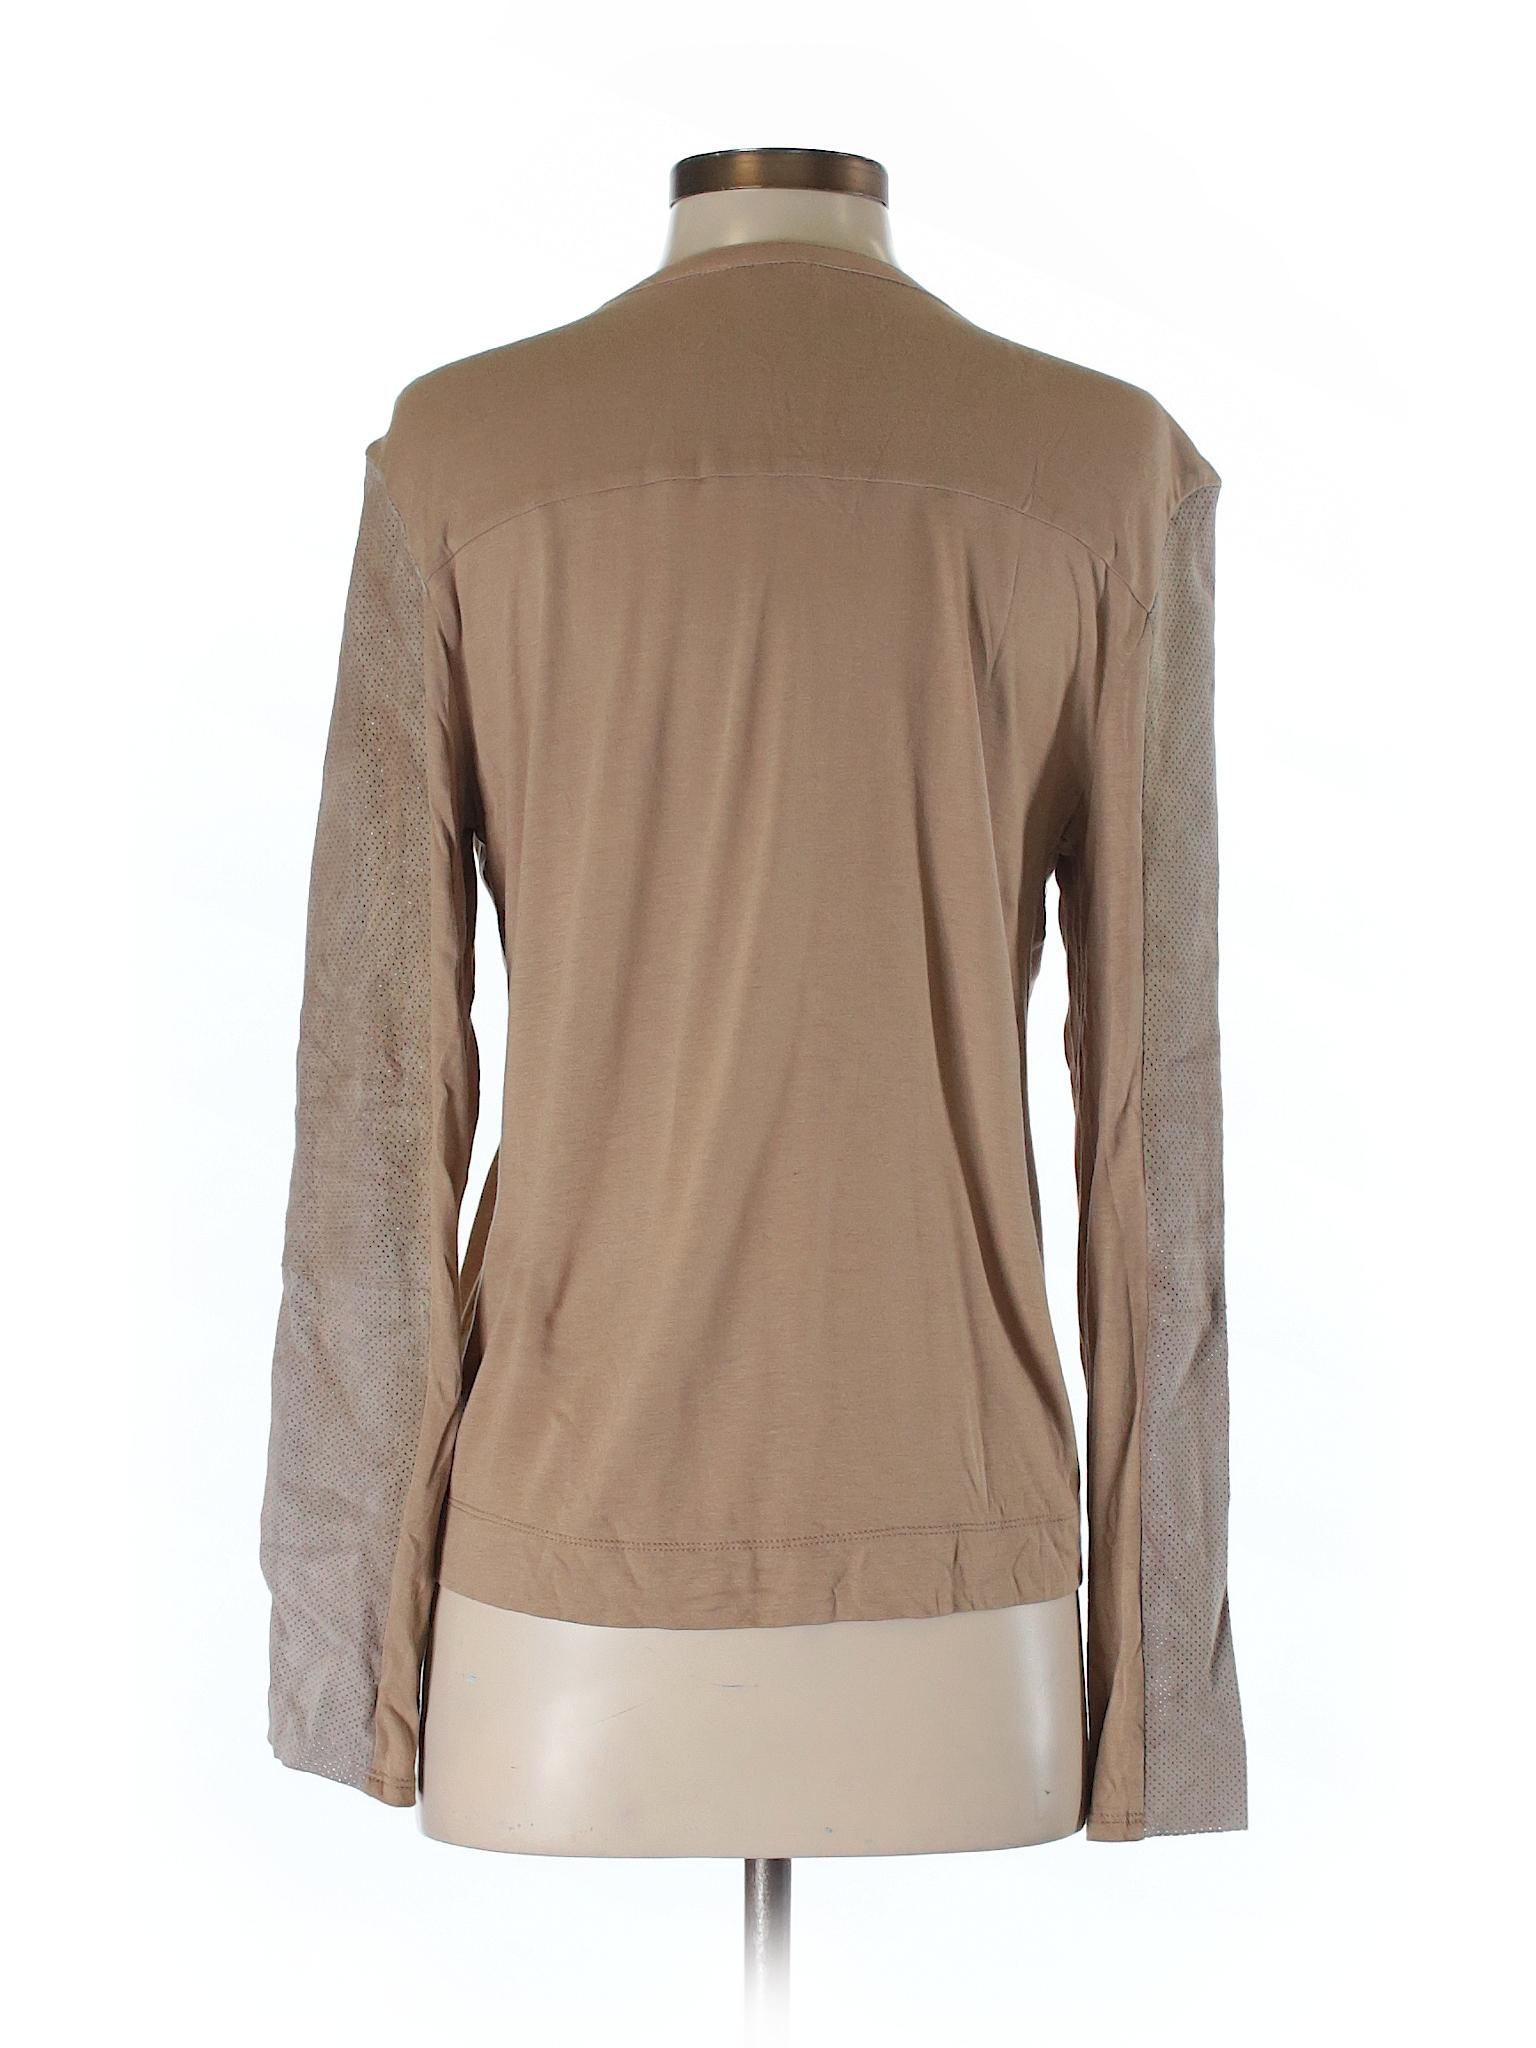 Boutique Boutique winter Ecru winter Jacket Ecru q4EUwgU